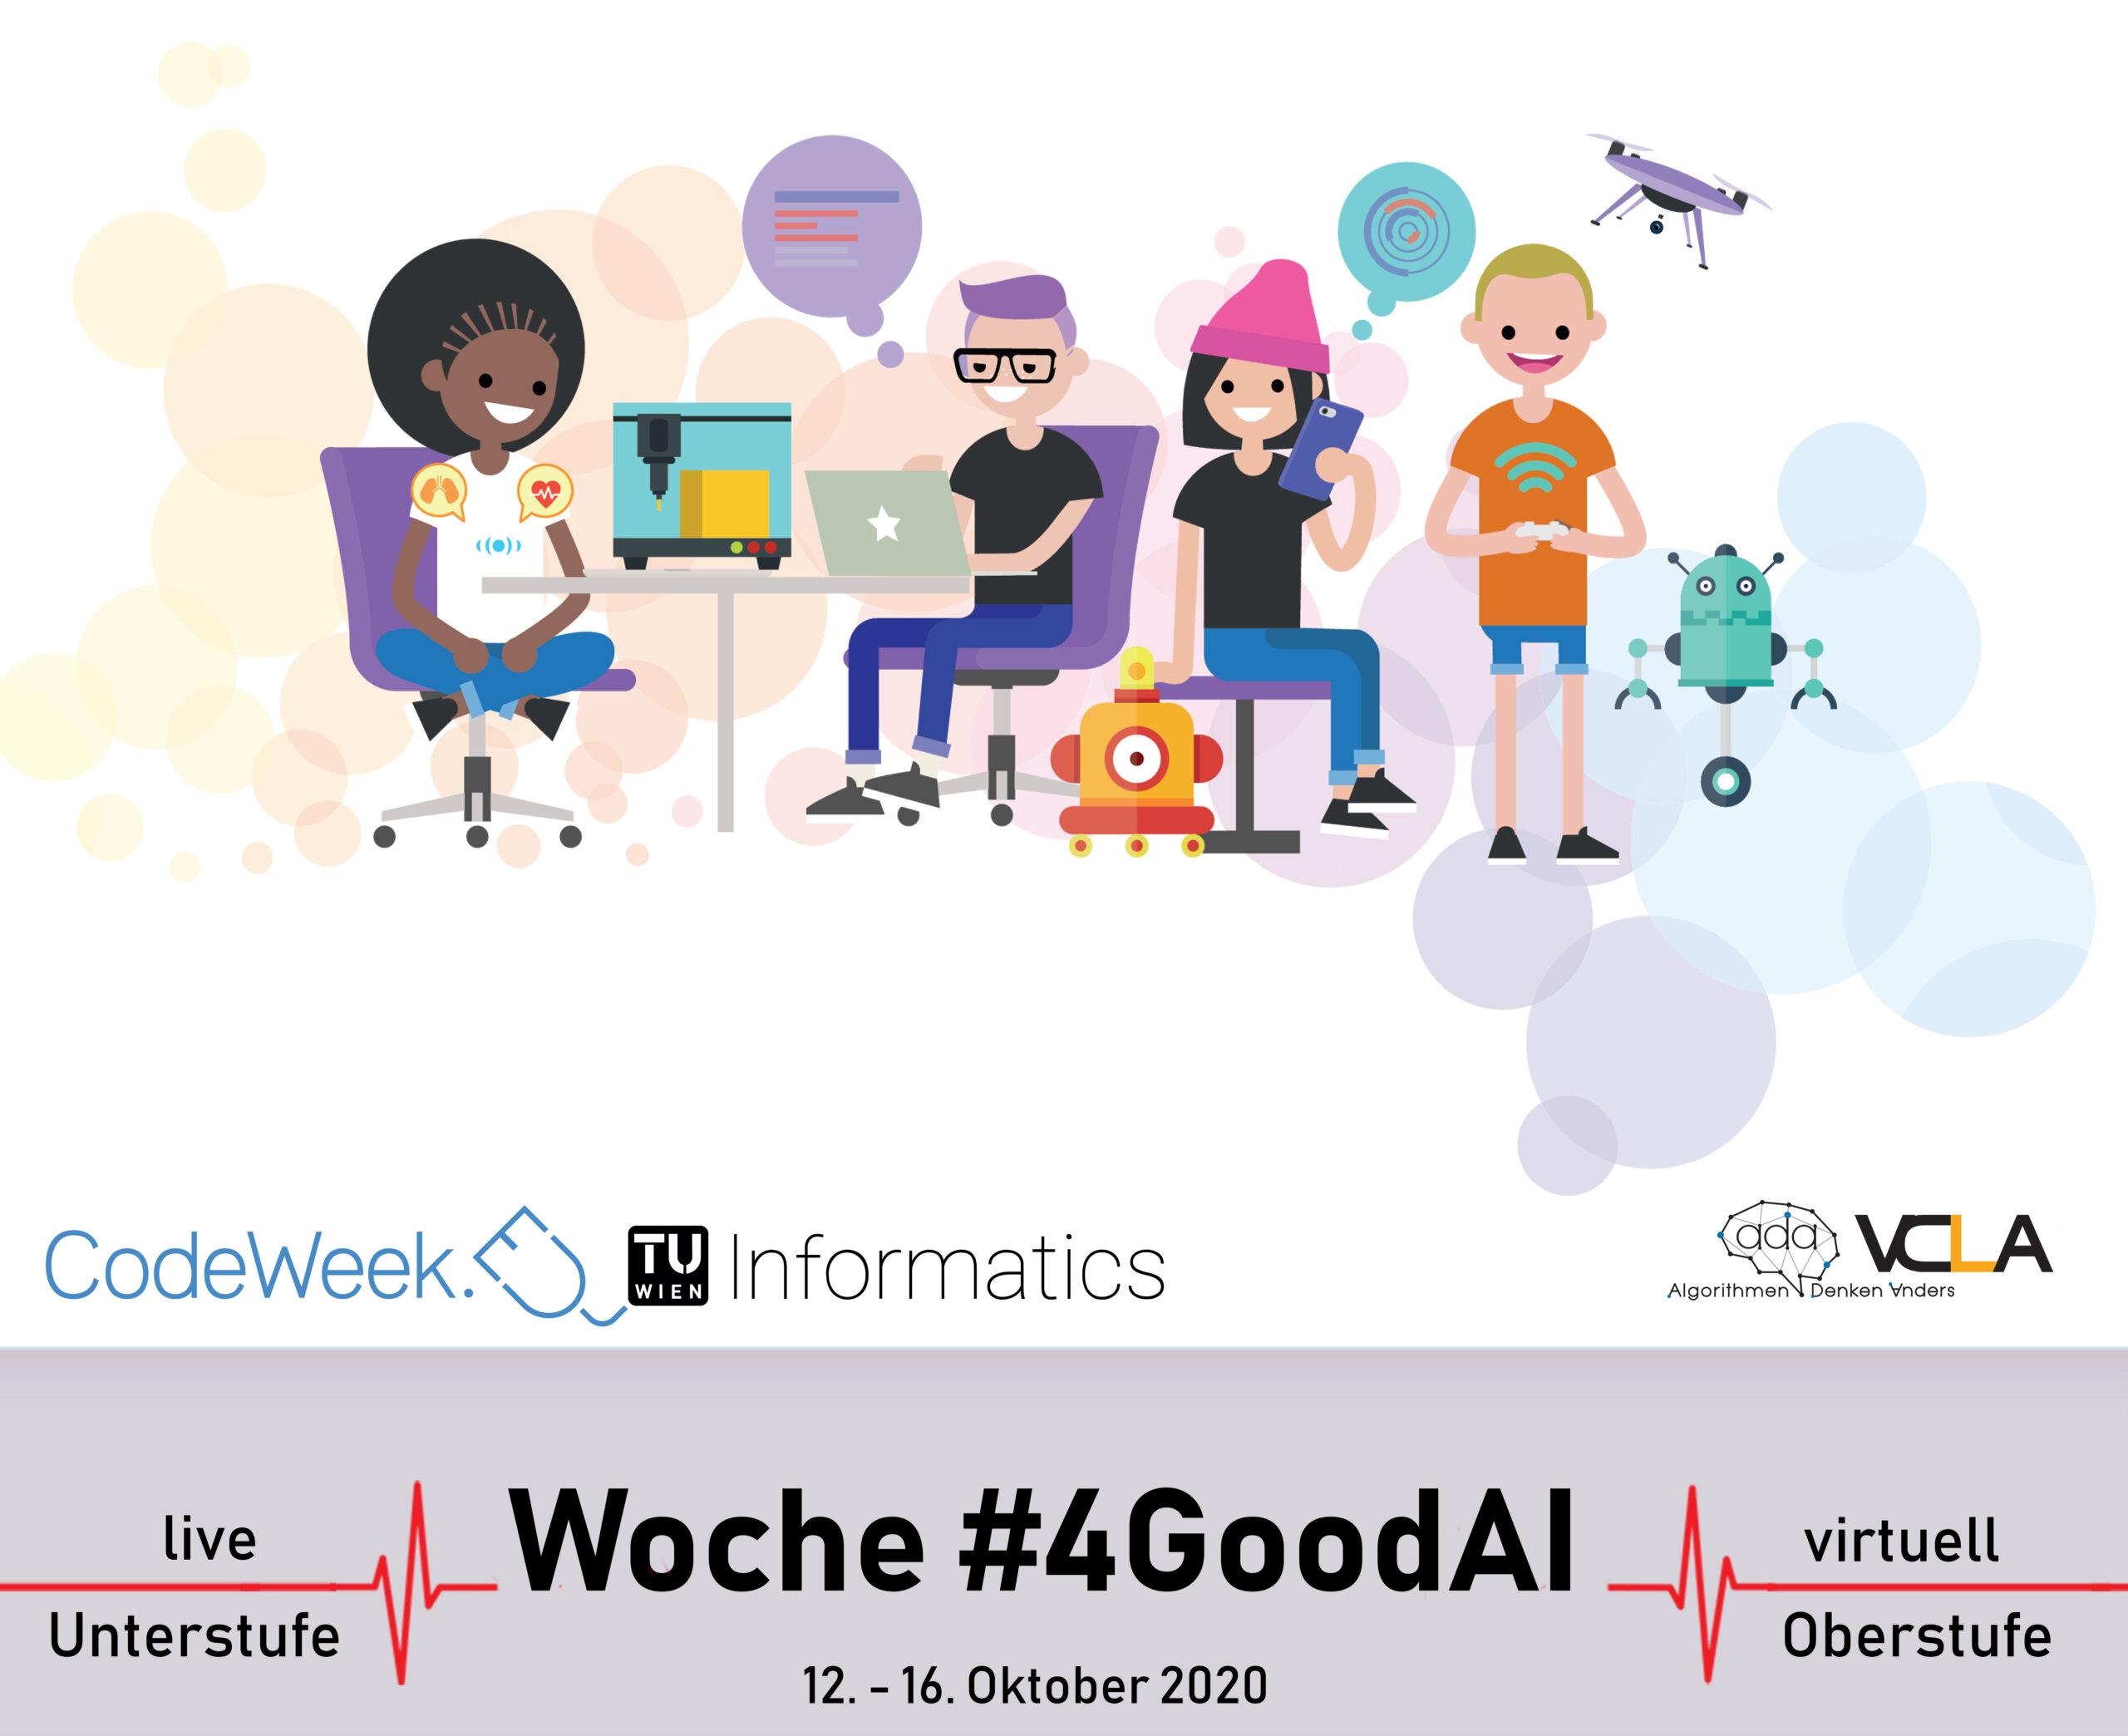 Week 4GoodAI4 CodeWeek